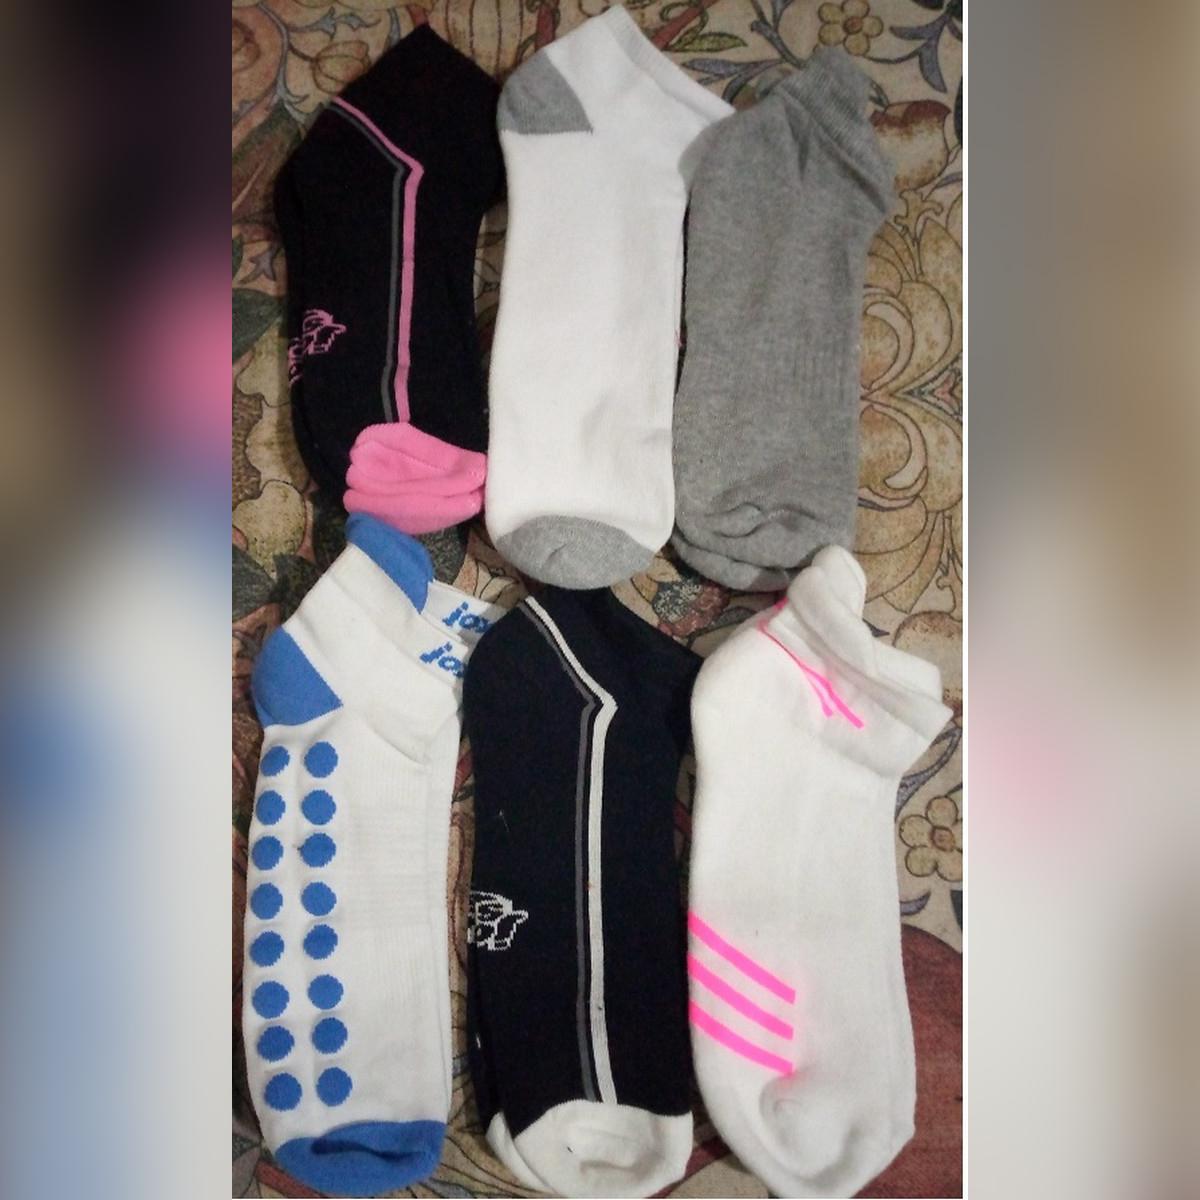 6 Pair Women's Socks Short Female Low Cut Ankle Socks For Women Ladies White Black Socks Short Chaussette Femme Summer